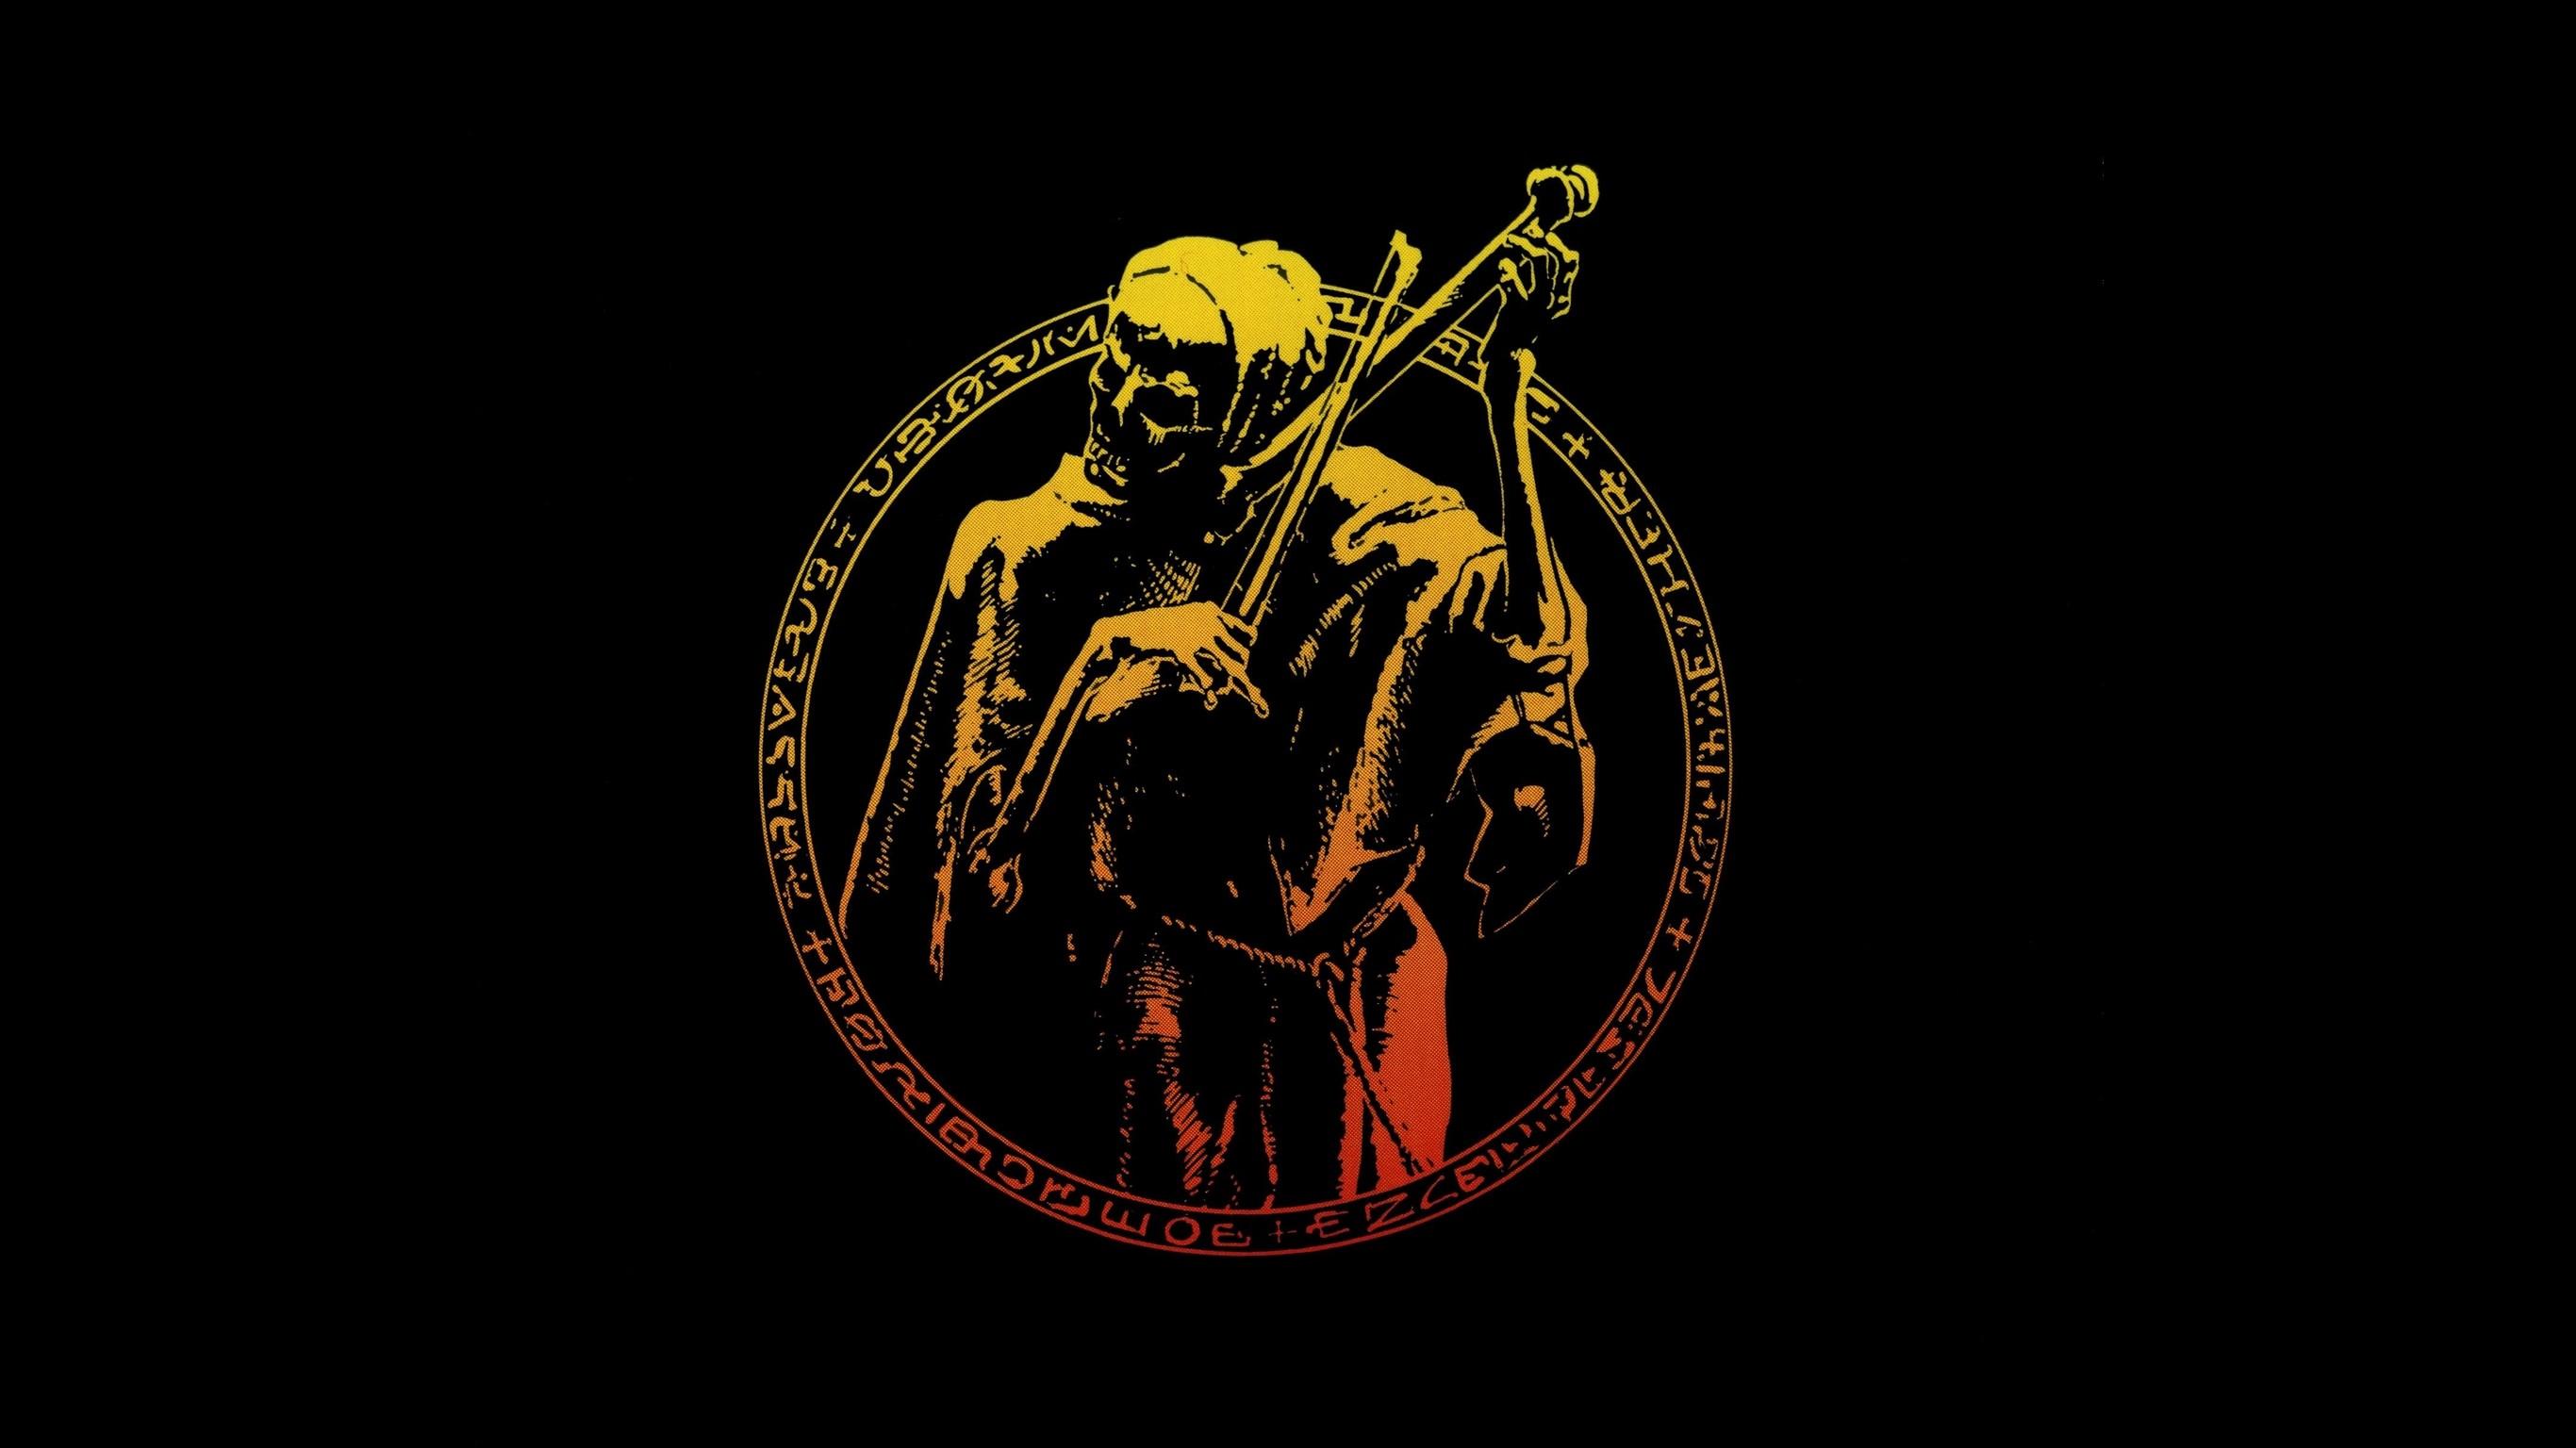 Wallpaper : illustration, logo, metal music, cover art, skull, album